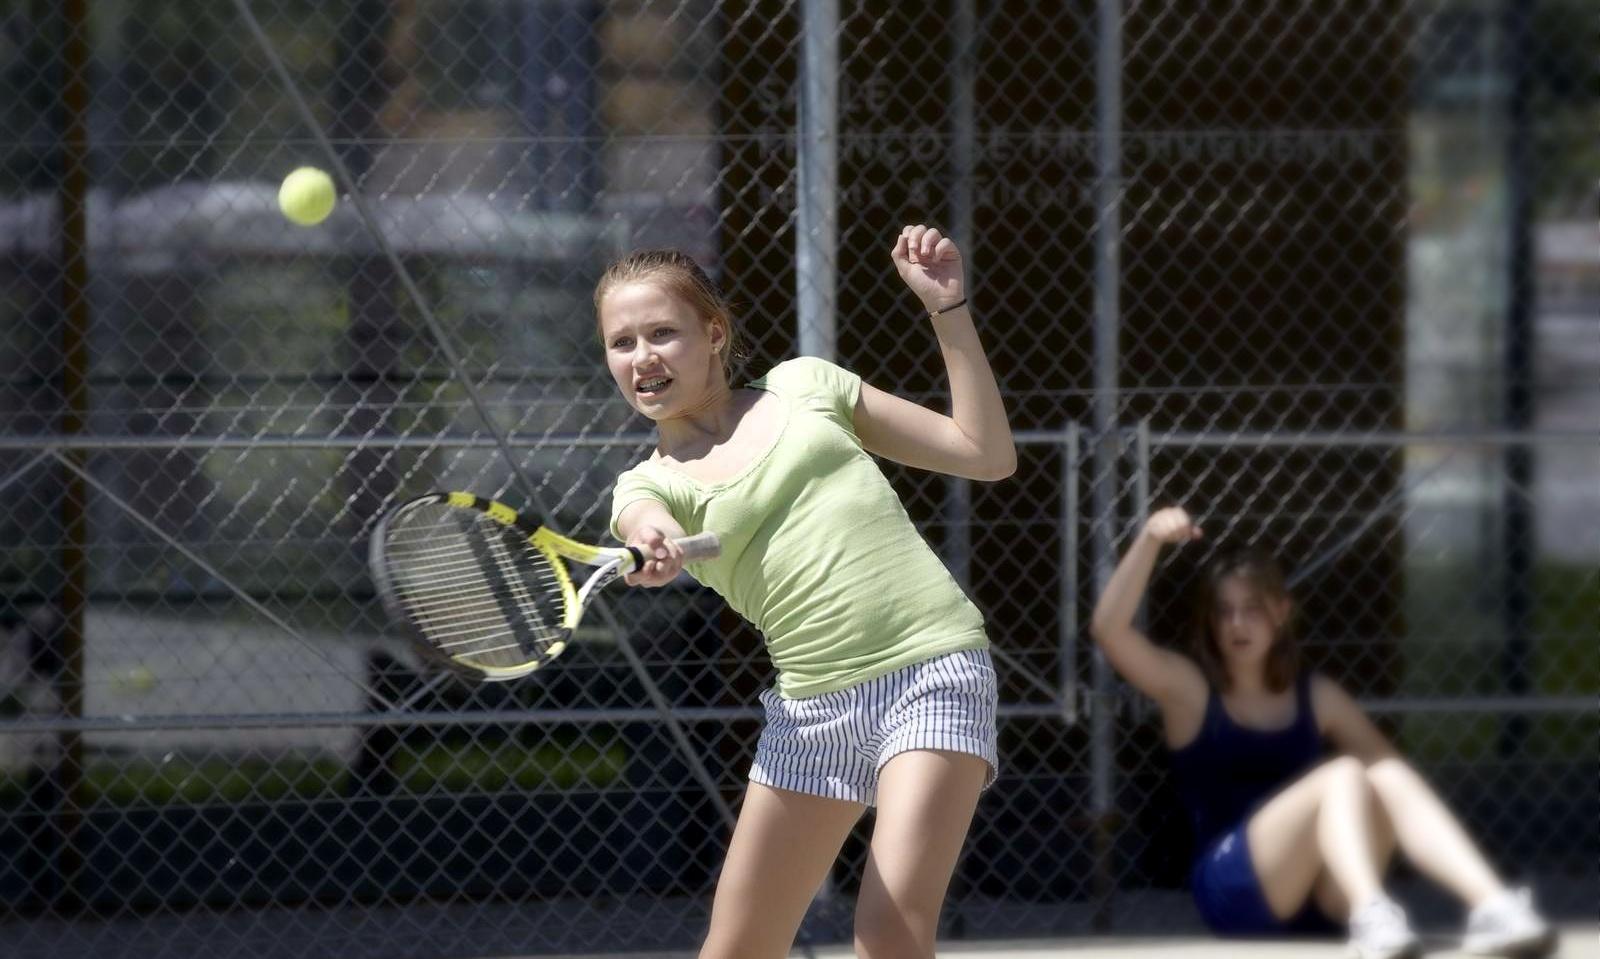 brillantmont summer tennis